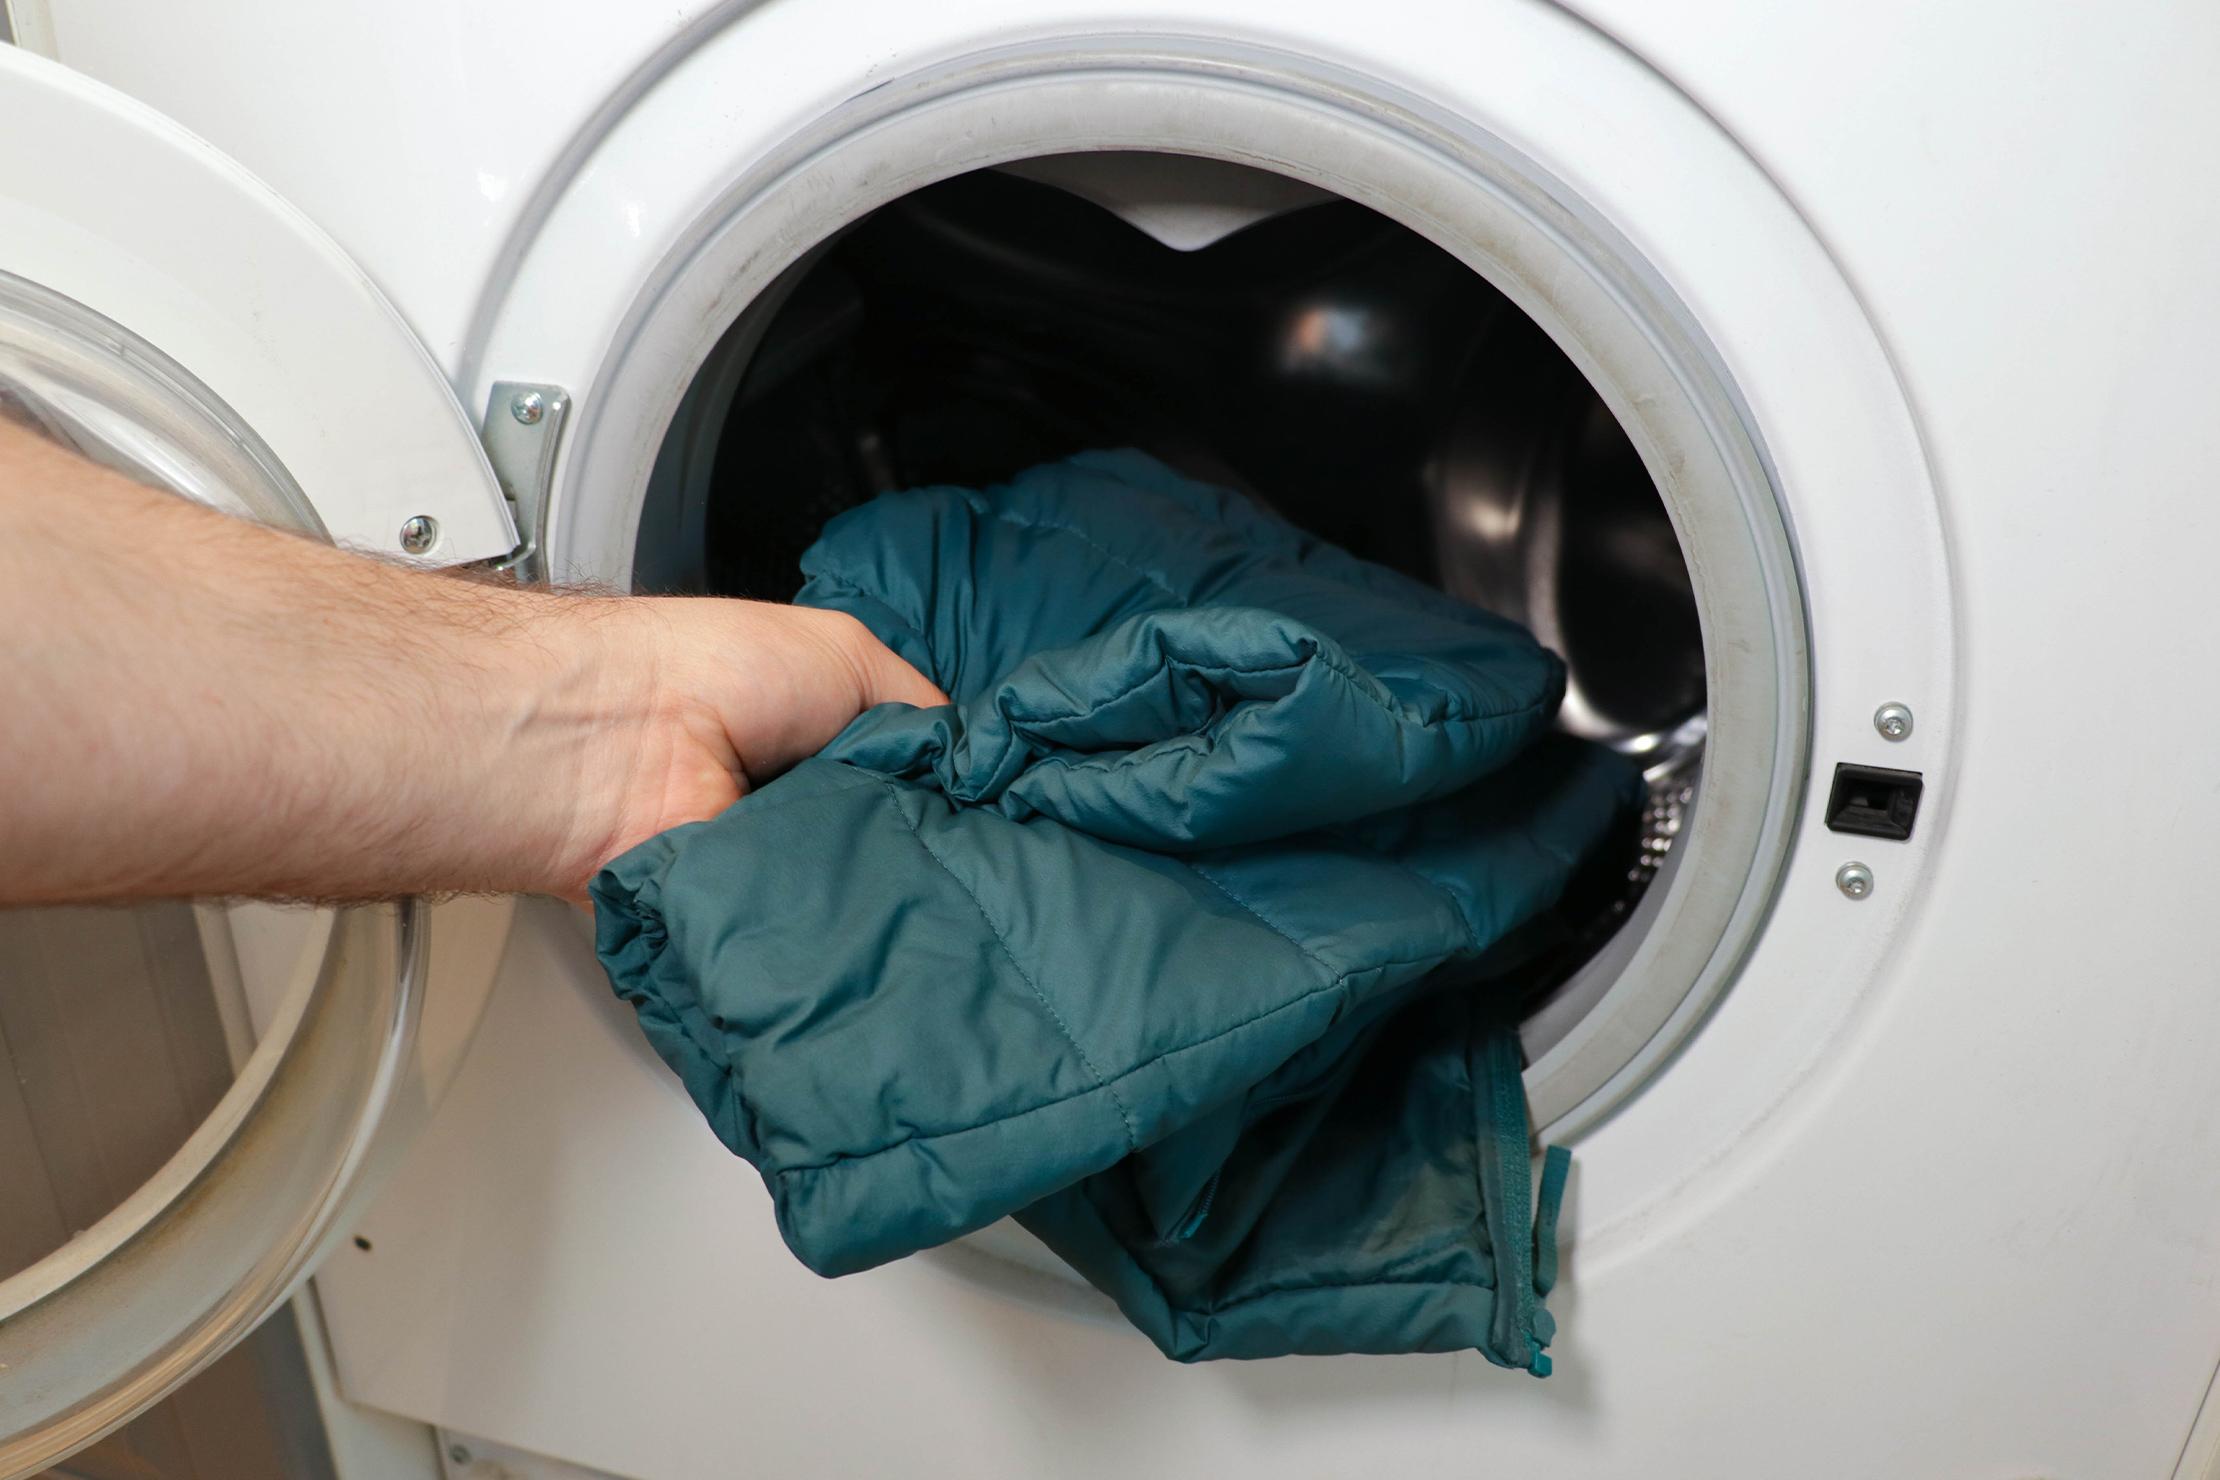 Putting Jacket into Washer